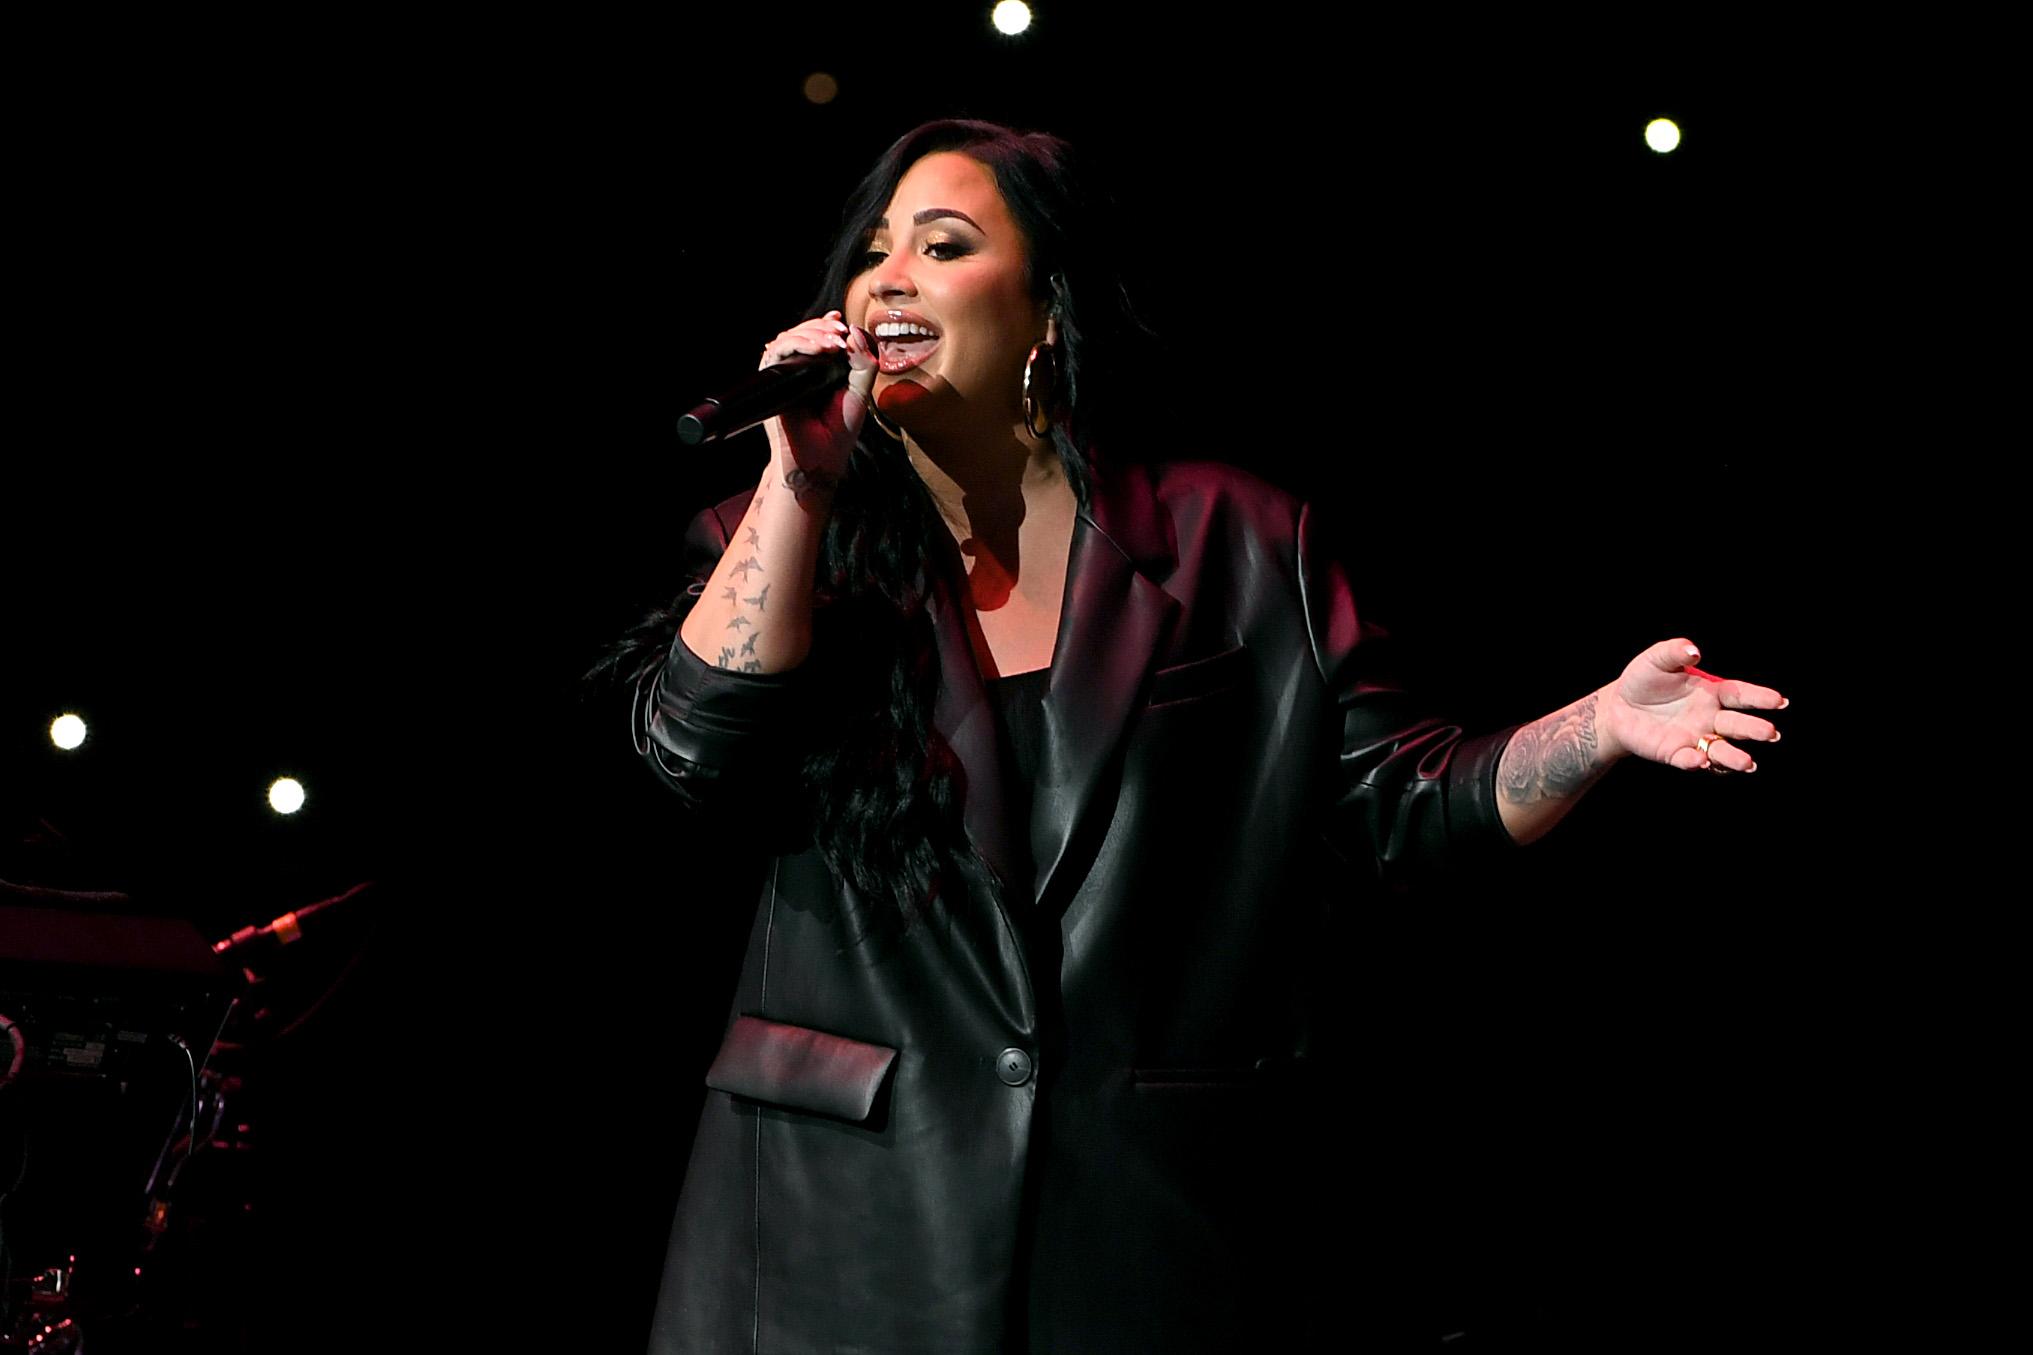 Demi Lovato Crashes Max Ehrich's Instagram Live Amid New Romance